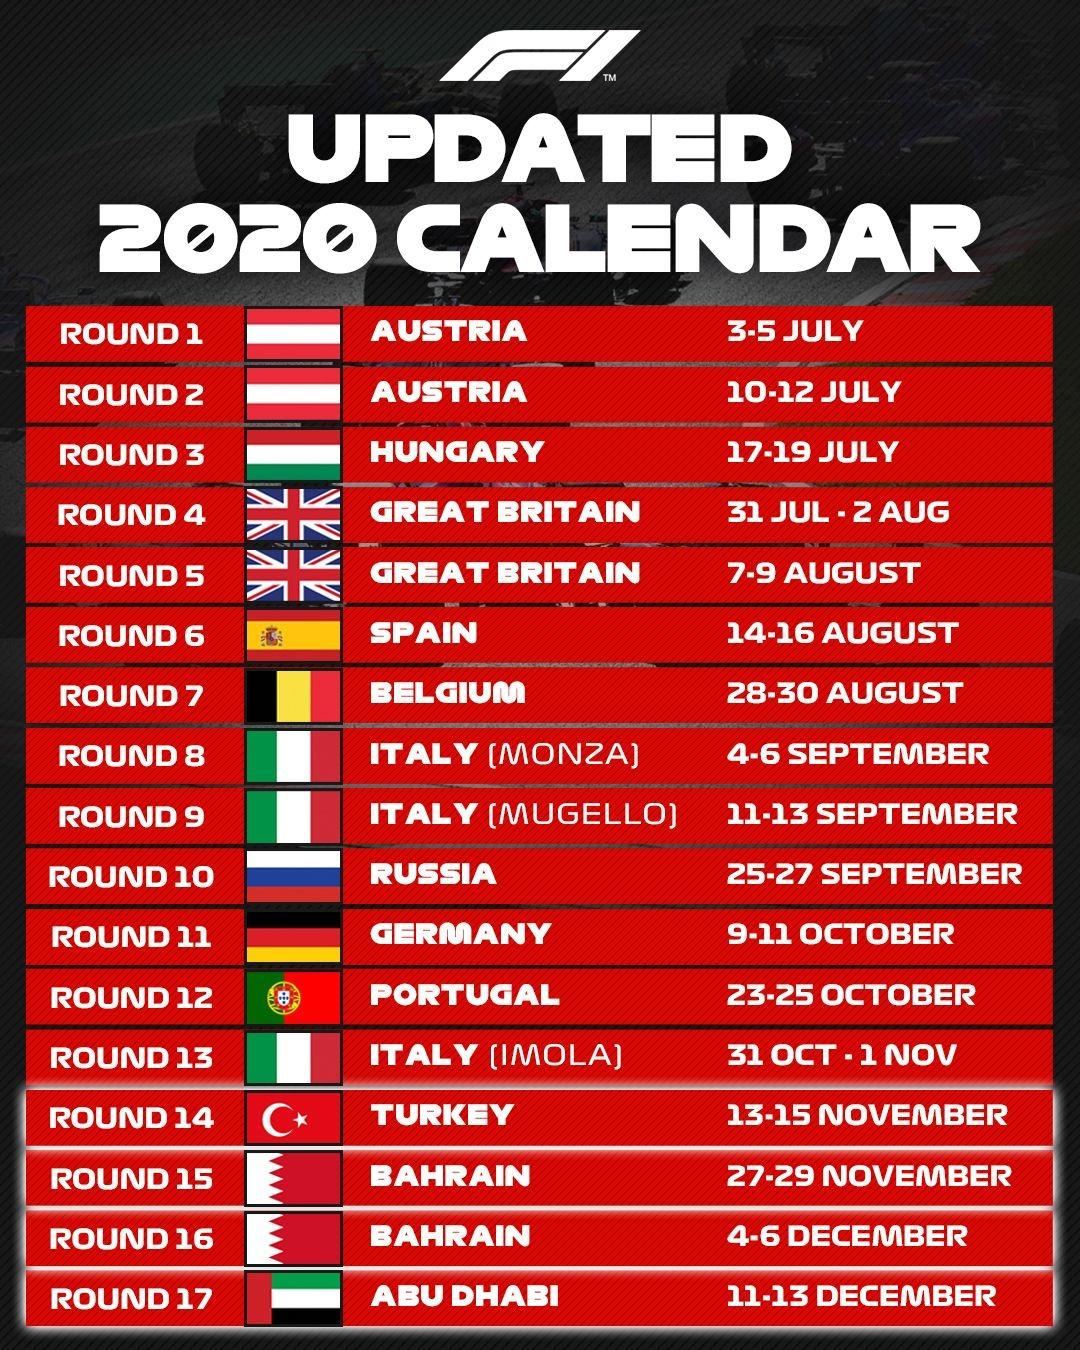 Календарь Формулы-1 сезона 2020